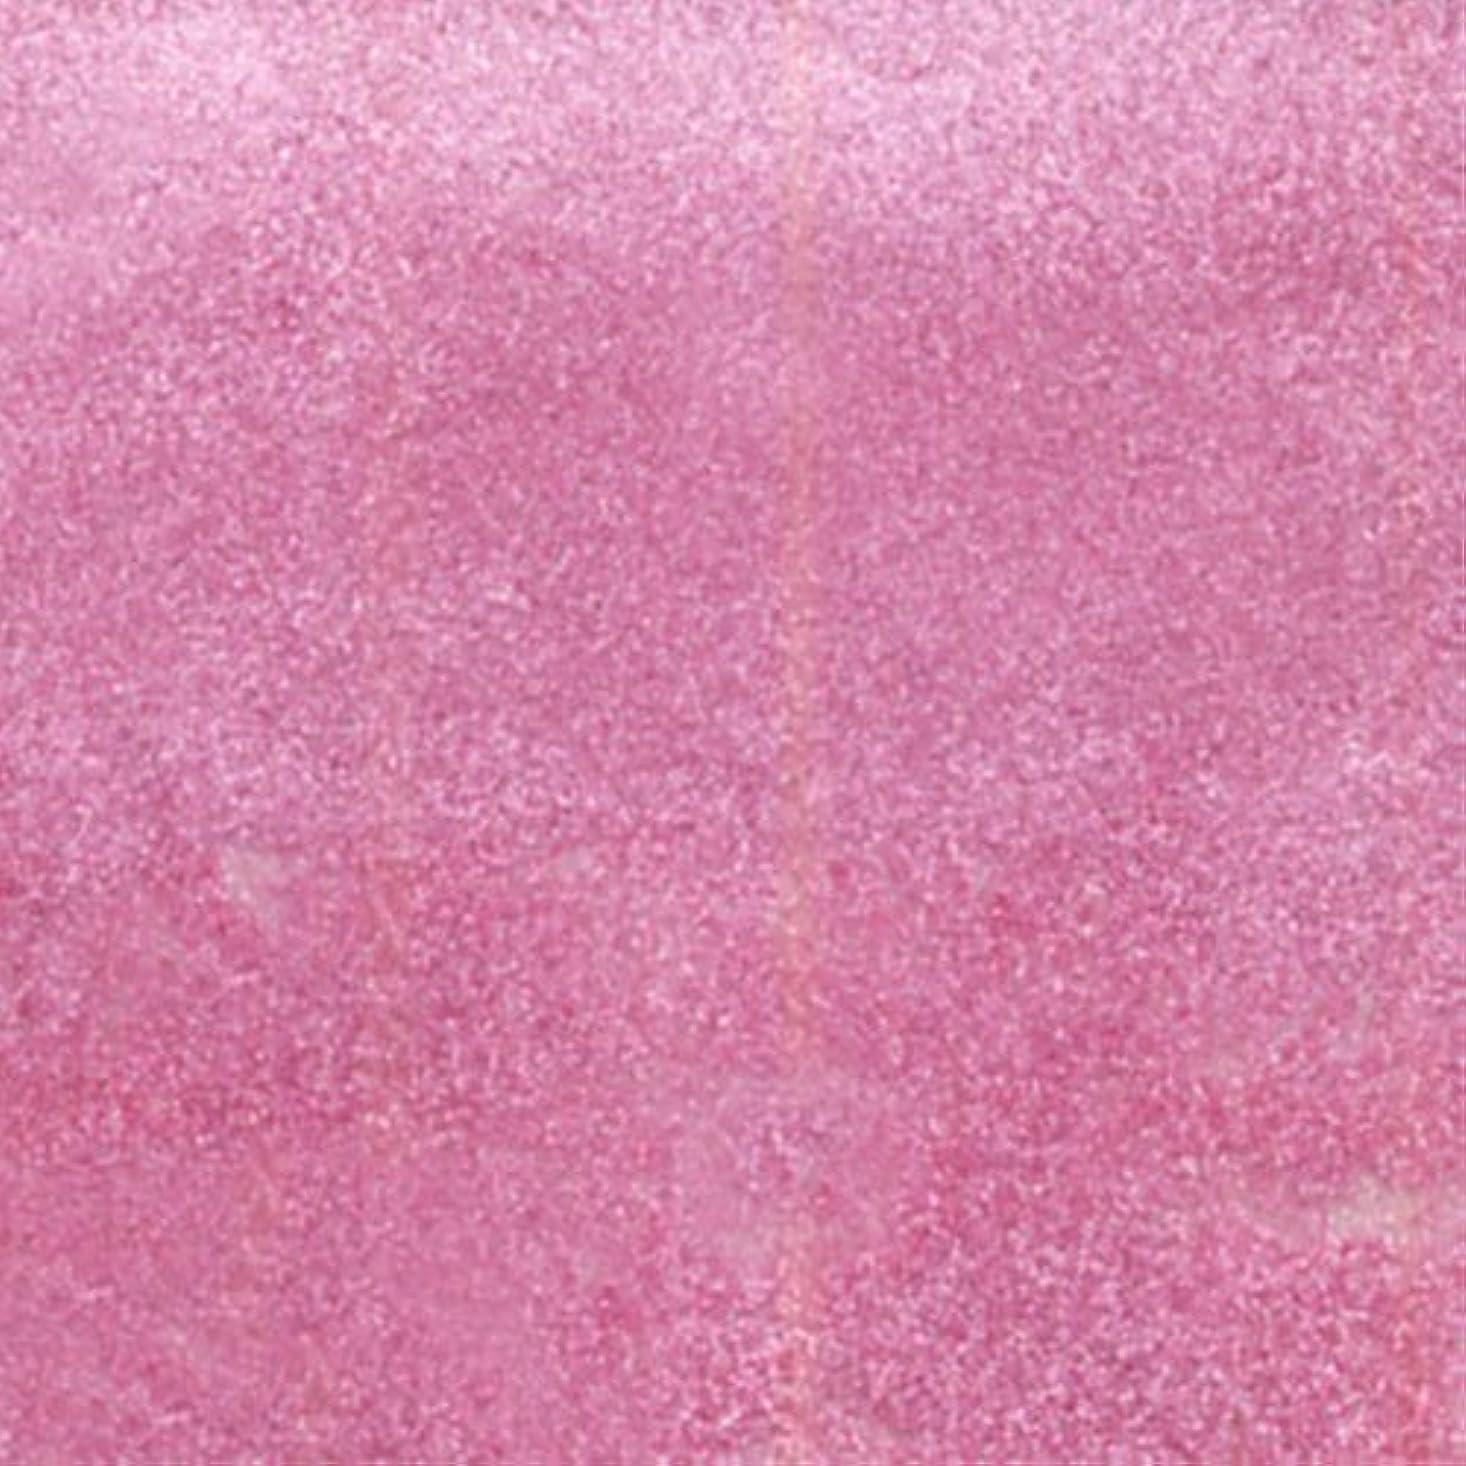 一般ピンク包囲ピカエース ネイル用パウダー シャインパウダー #829 撫子 0.25g